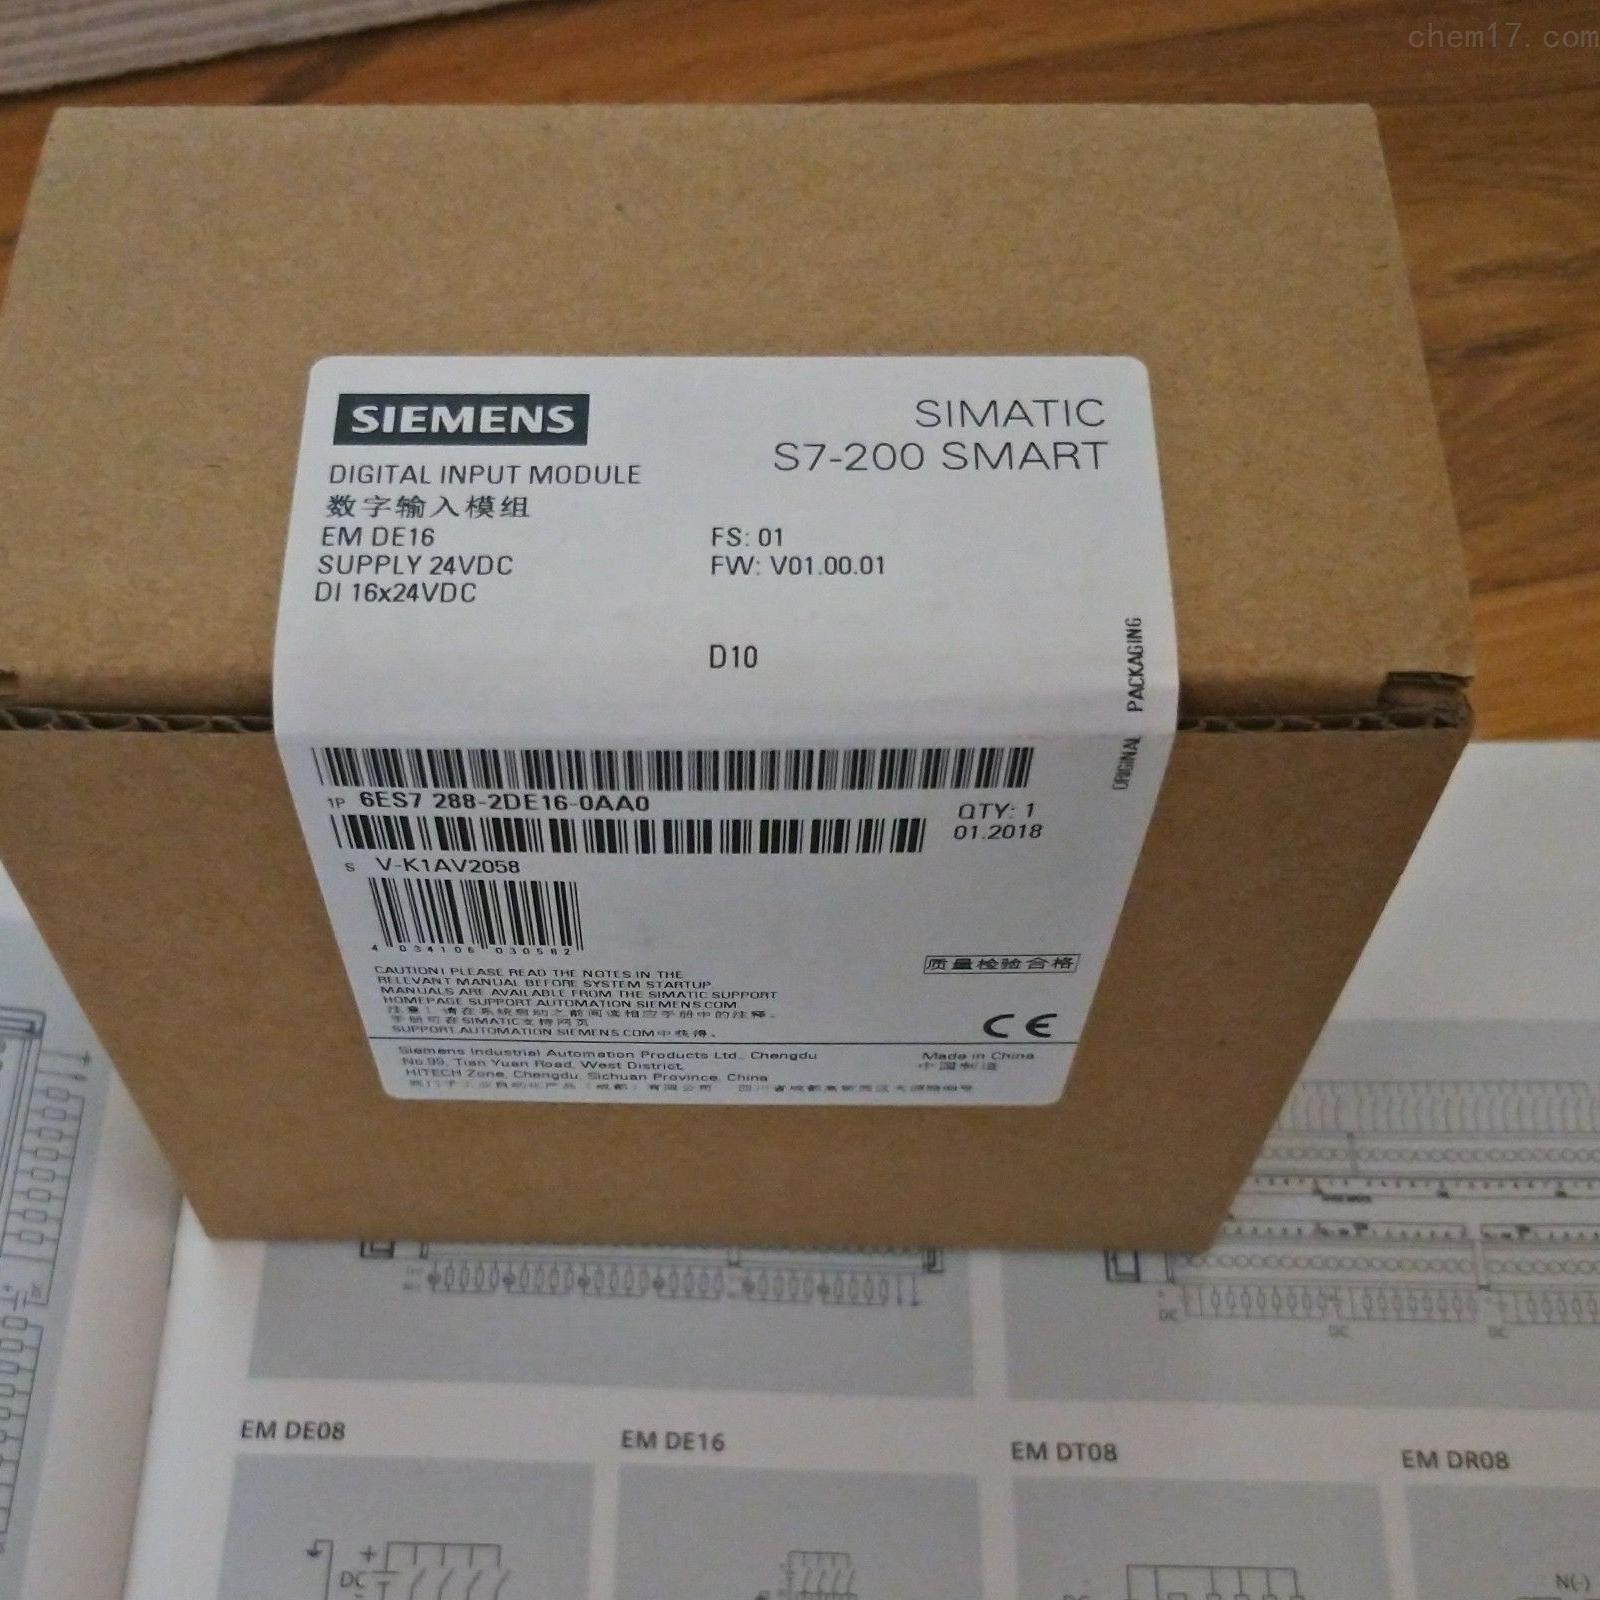 蚌埠西门子S7-200 SMART模块代理商